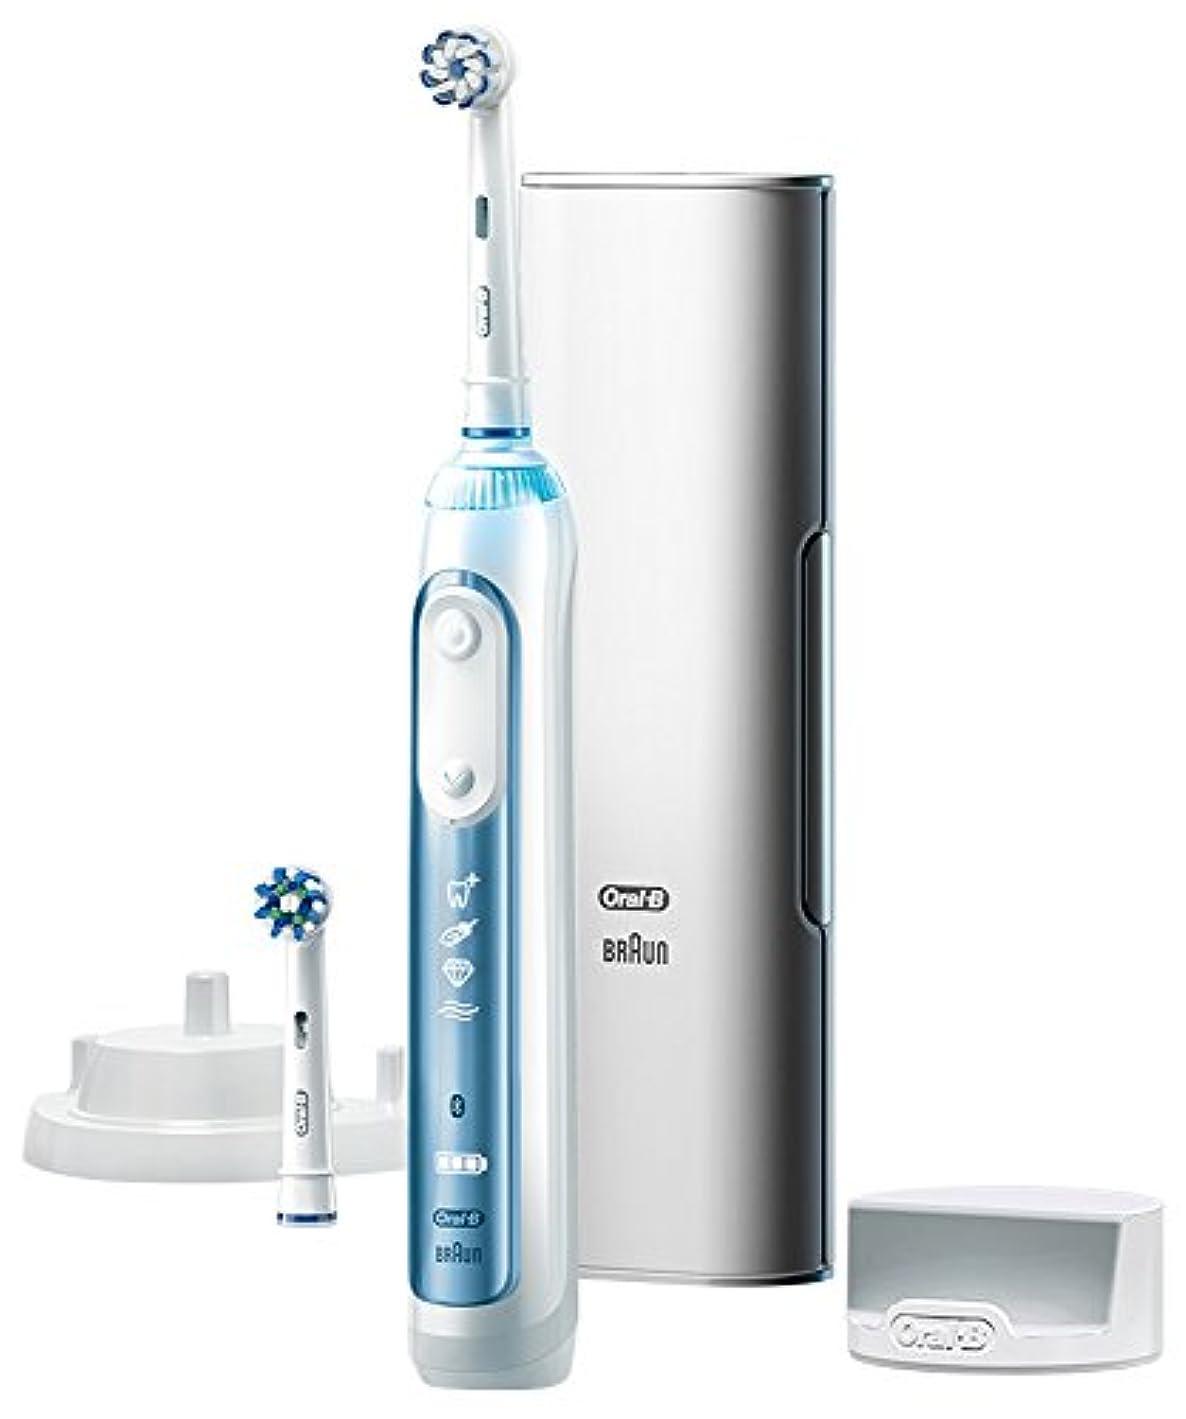 ピュー忌避剤雄弁家ブラウン オーラルB 電動歯ブラシ スマート7000 D7005245XP D7005245XP